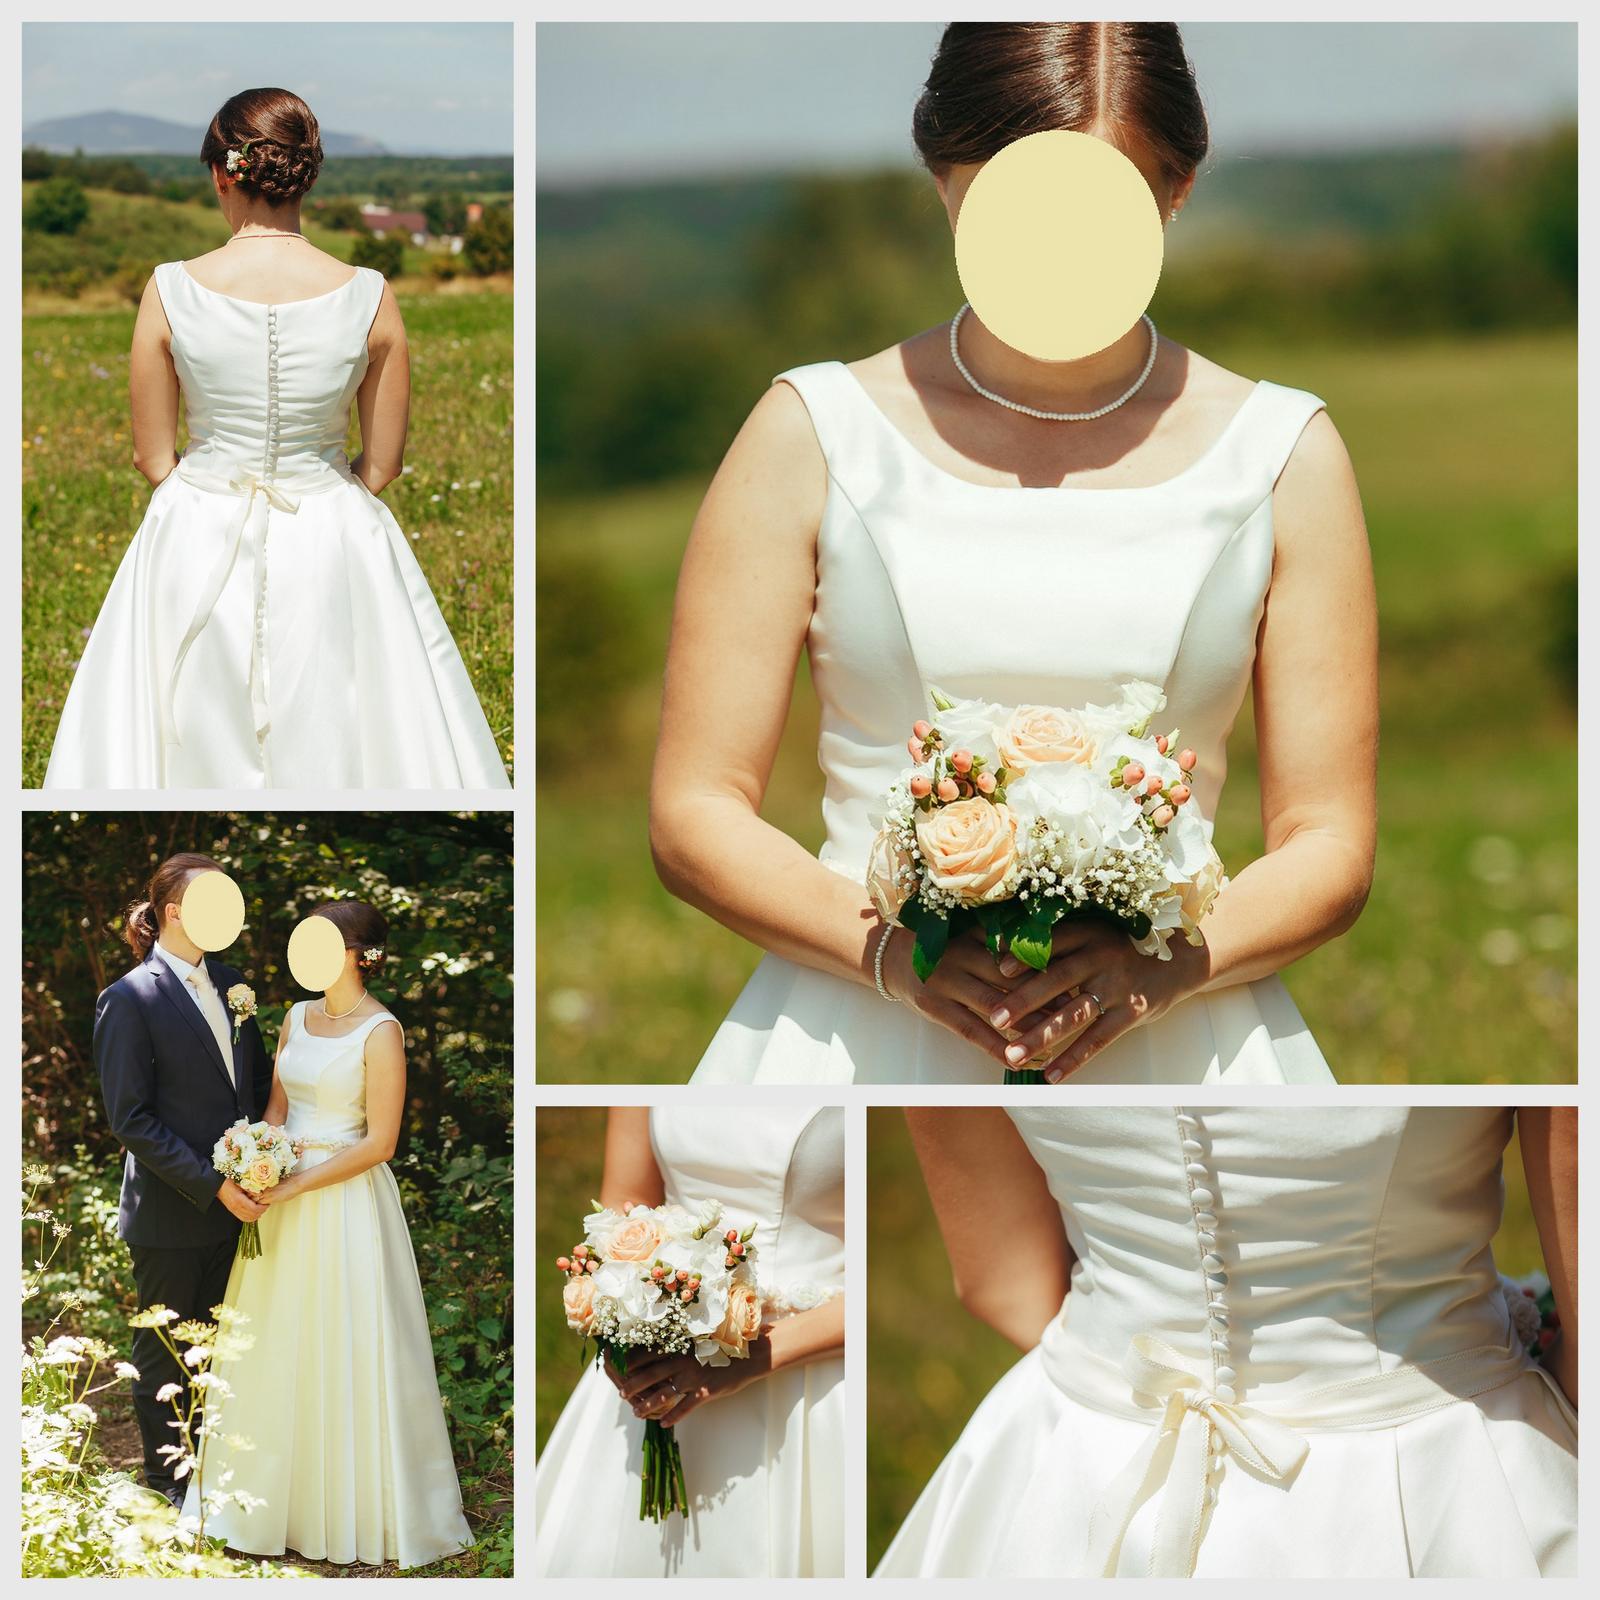 Svadobné šaty na predaj - veľmi pohodlné a krásne jednoduché - Obrázok č. 1